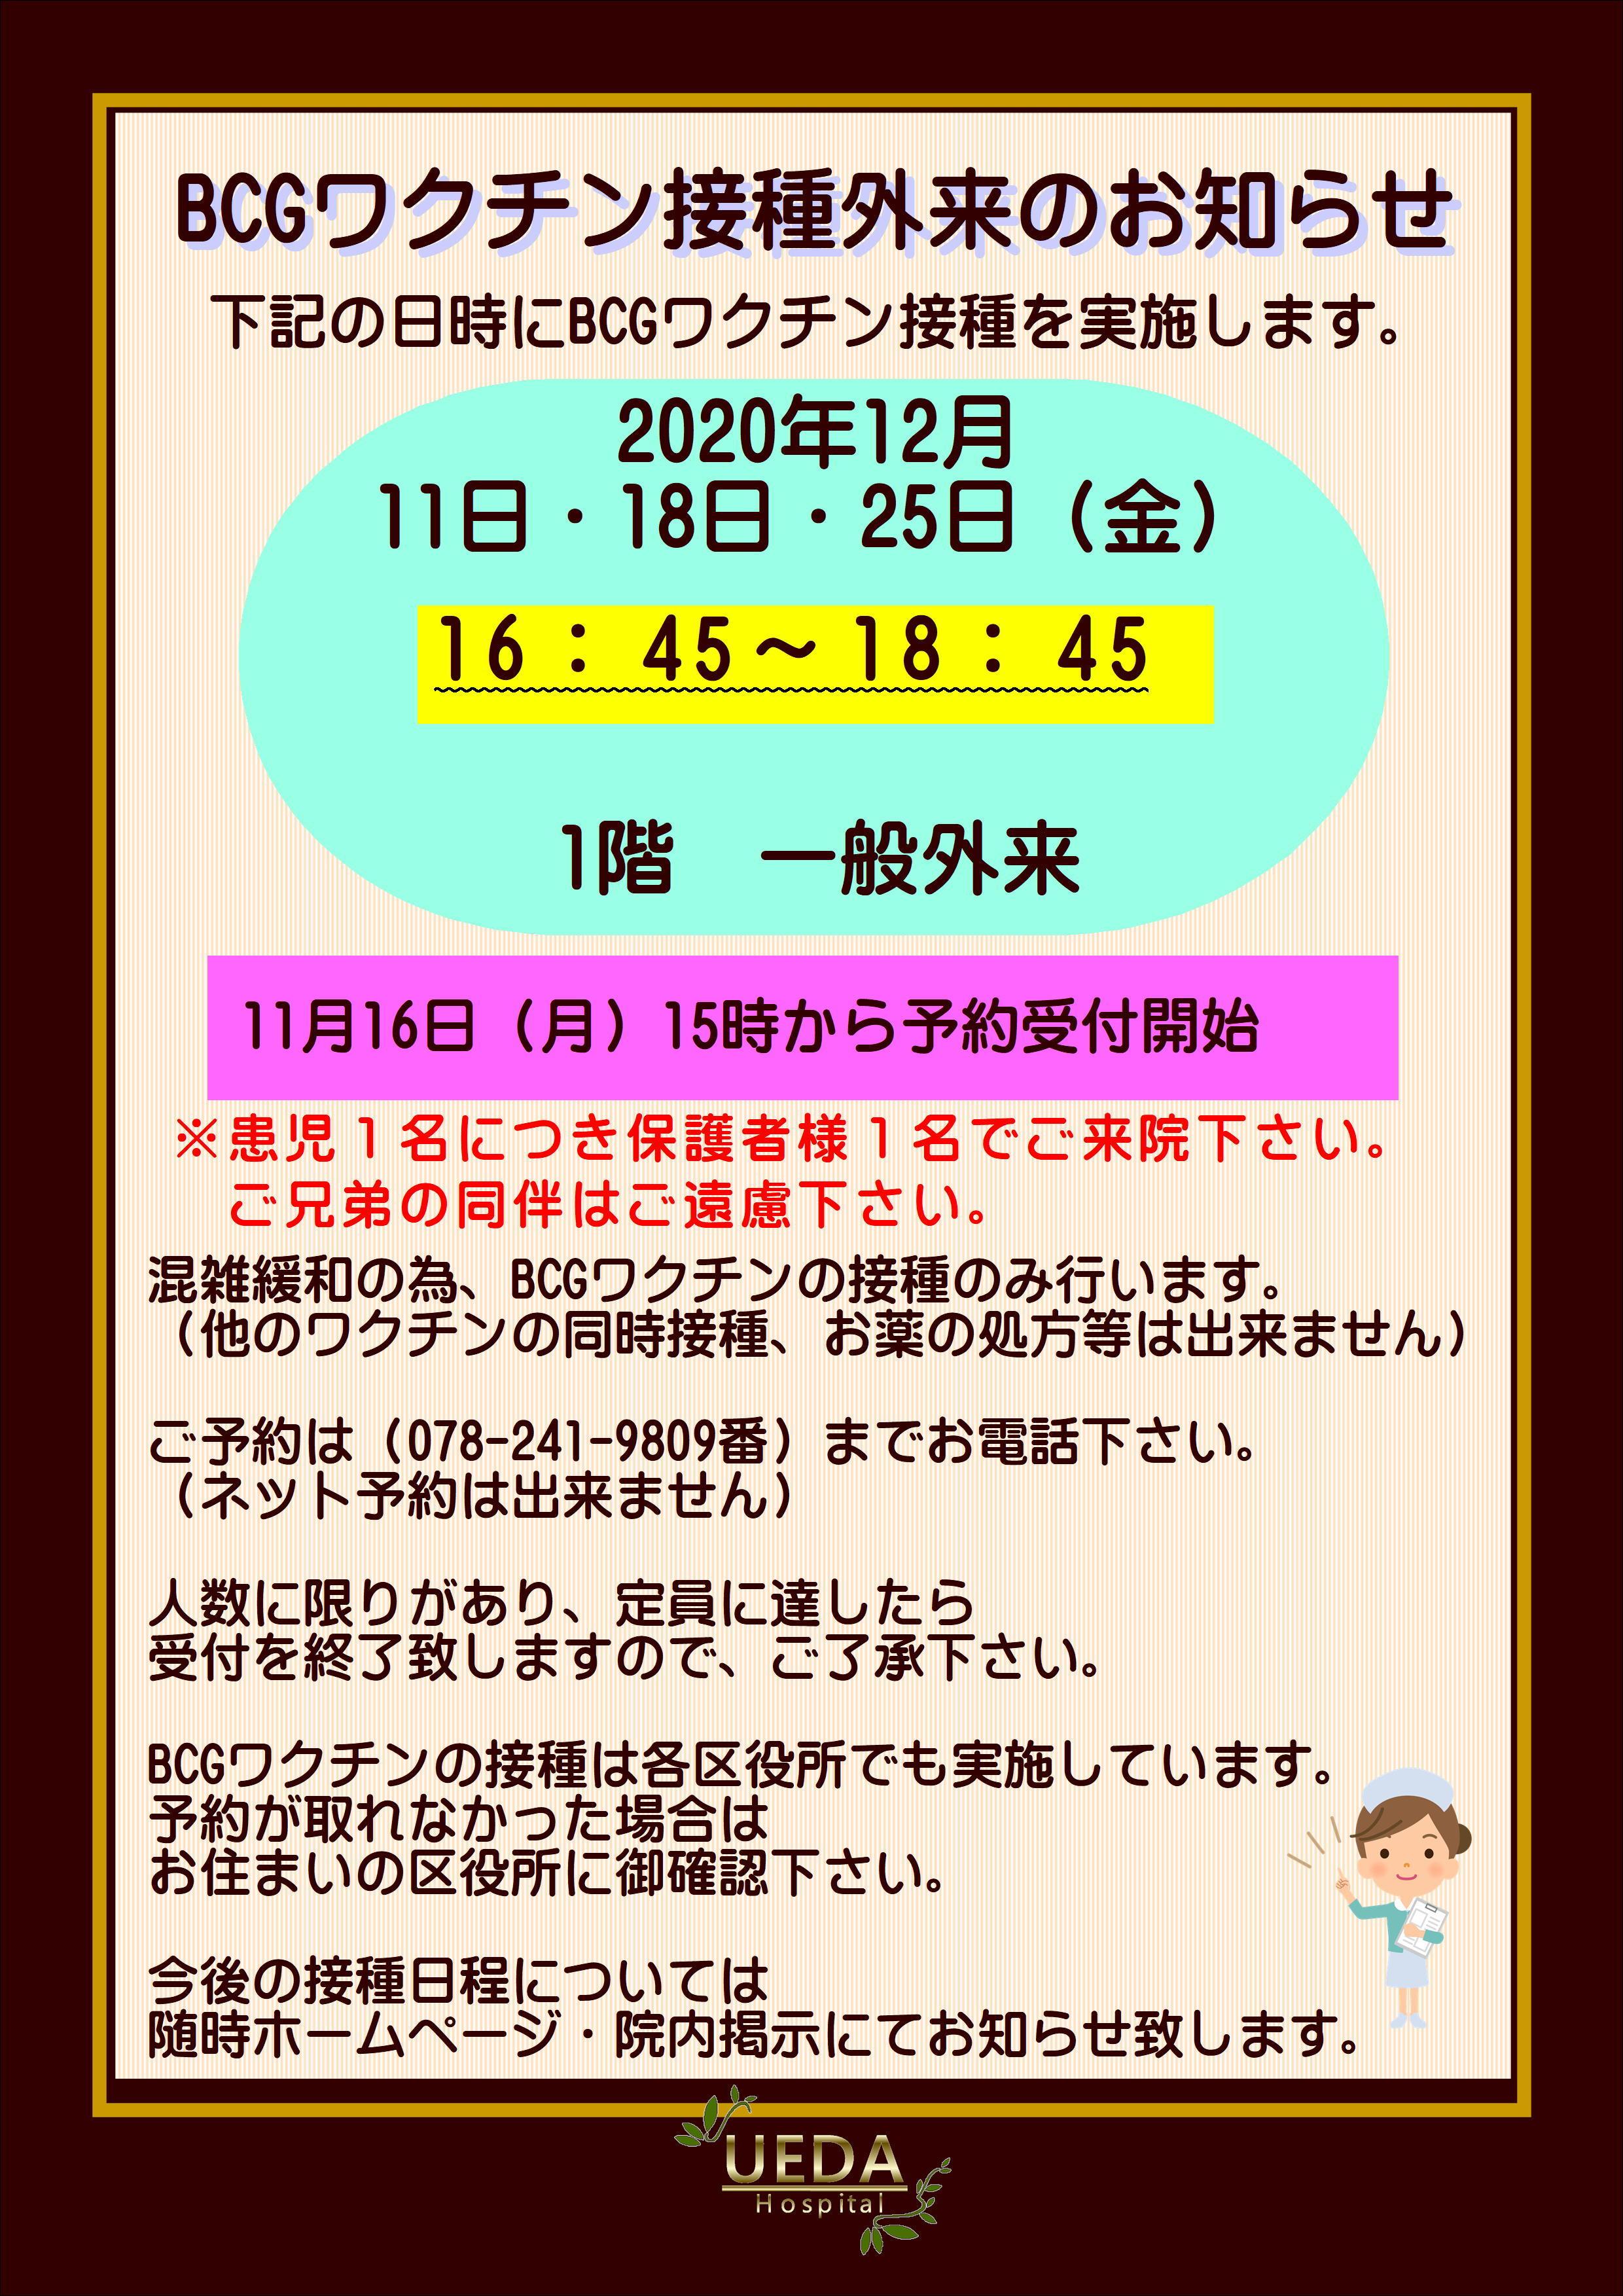 BCG 2020.12金曜日.JPG